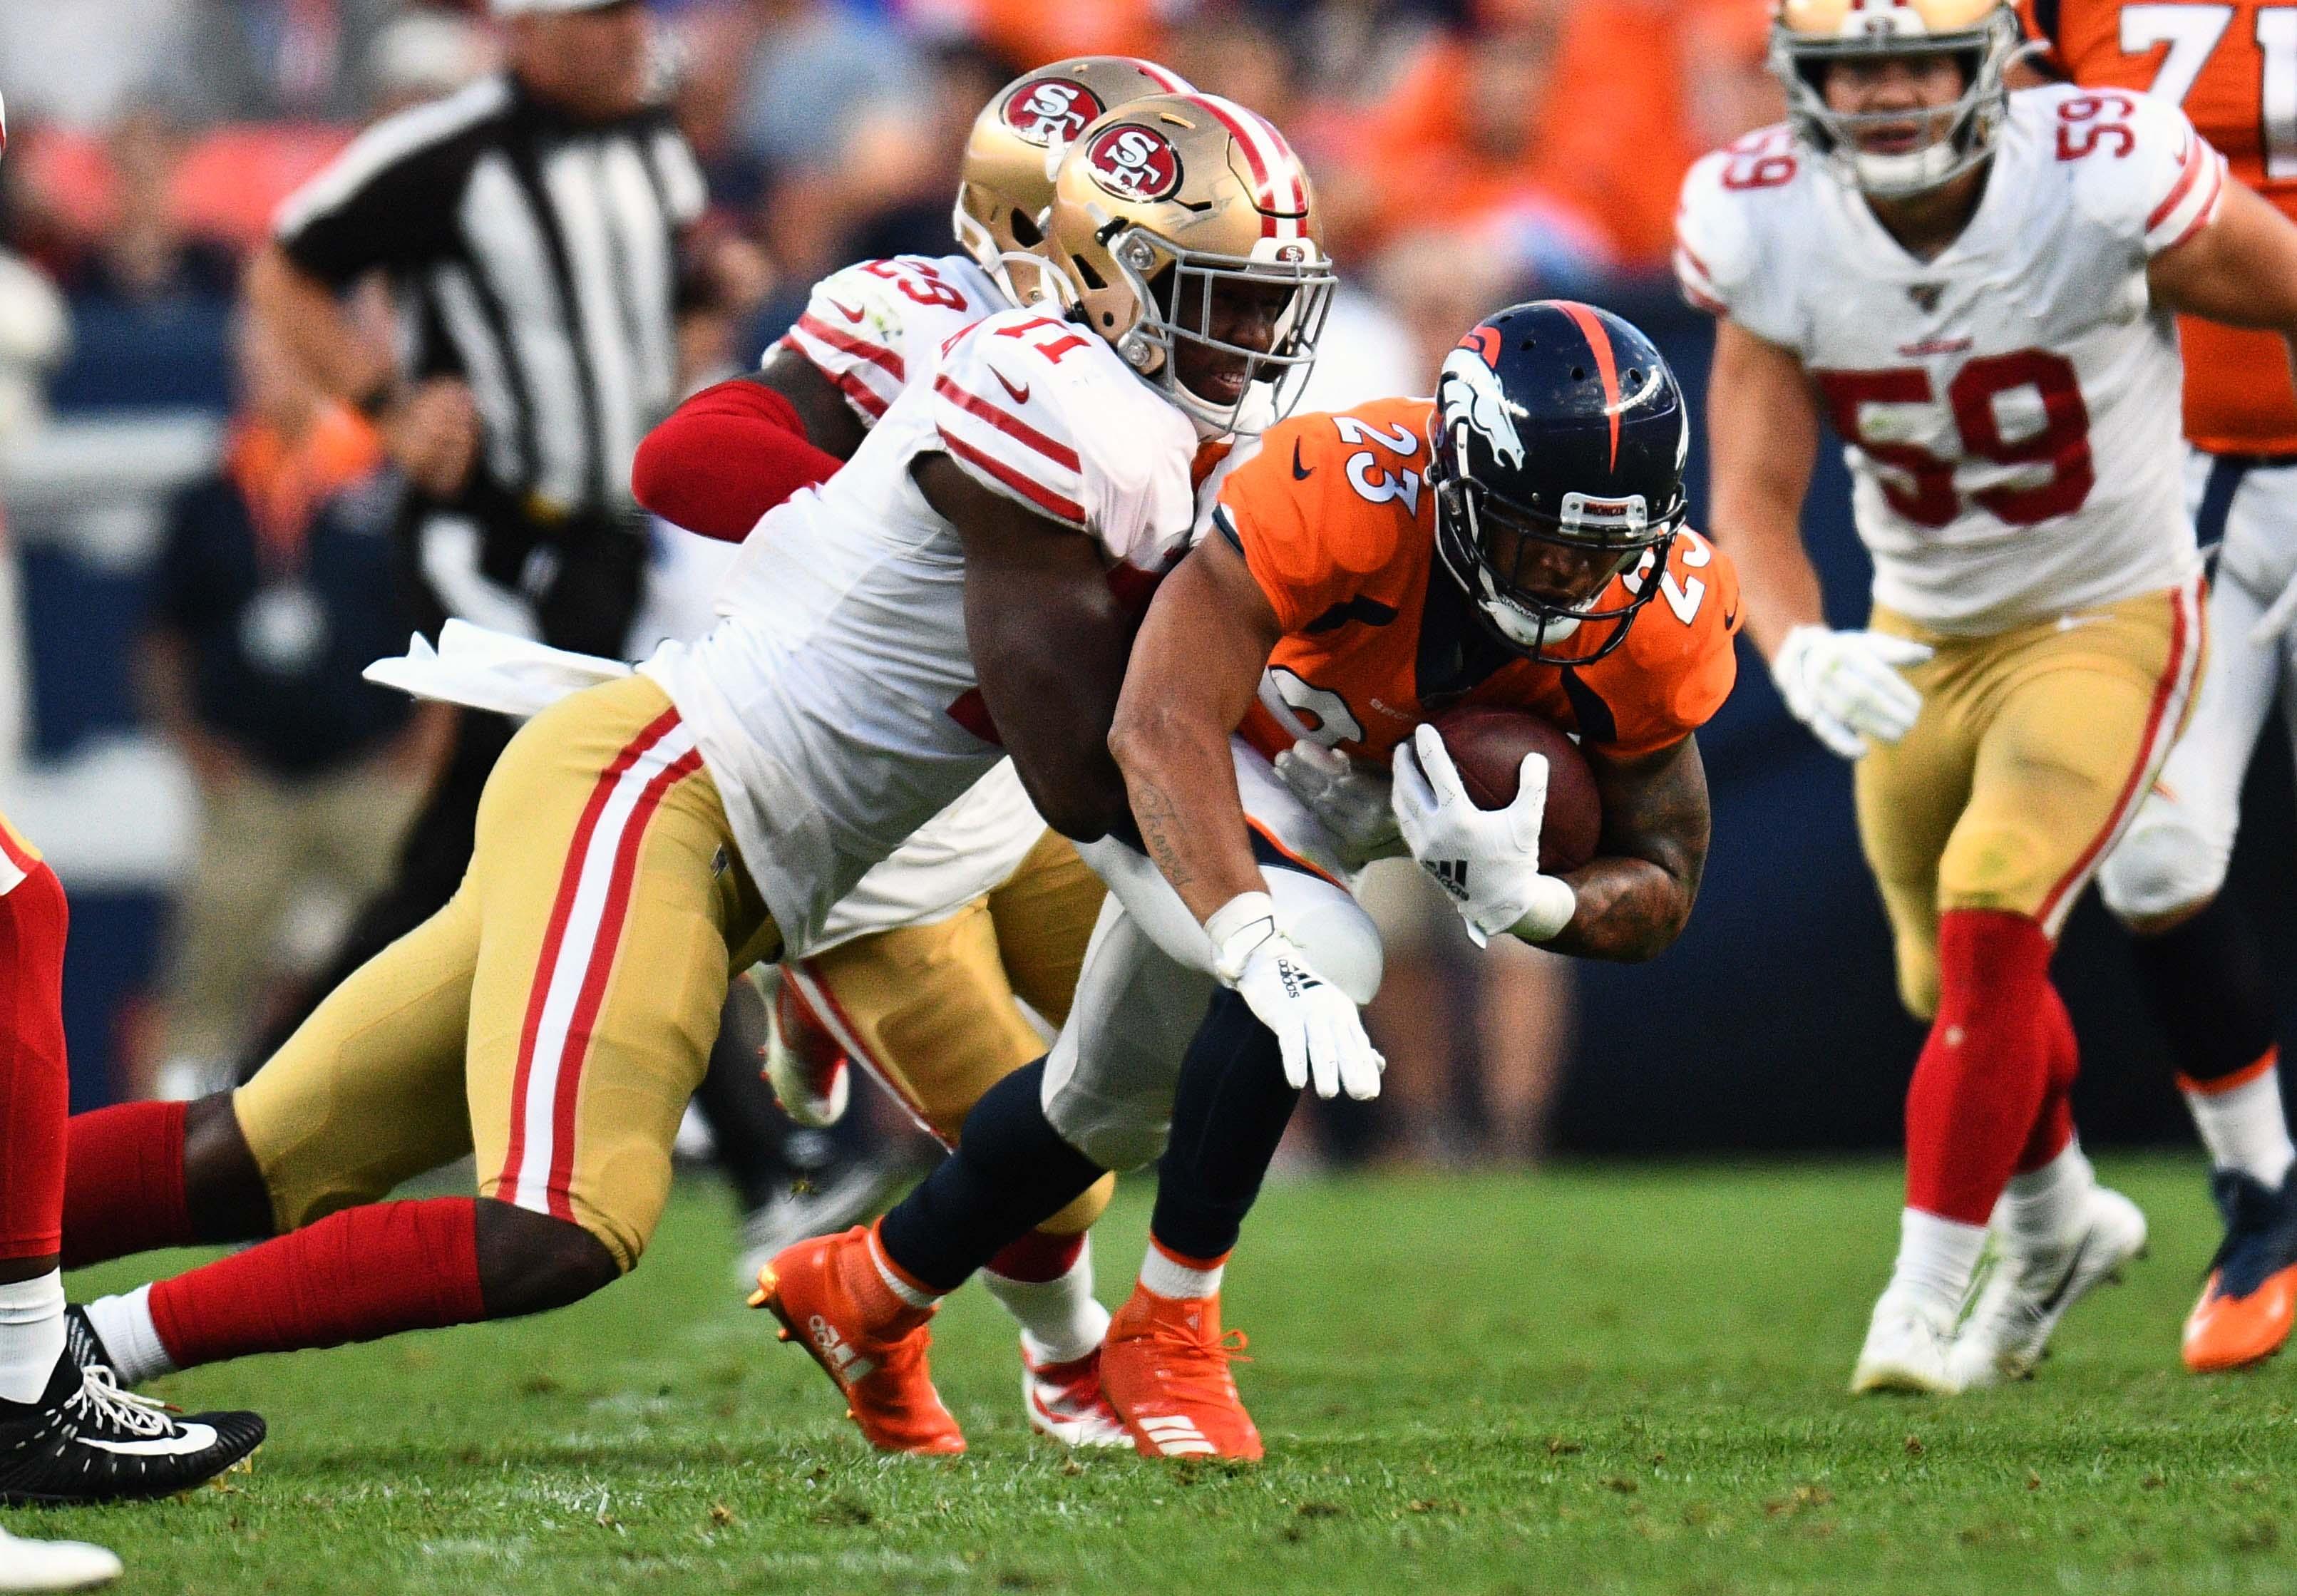 San Francisco 49ers defensive tackle Jullian Taylor (71) tackles Denver Broncos running back Devontae Booker (23) in the second quarter at Broncos Stadium at Mile High.